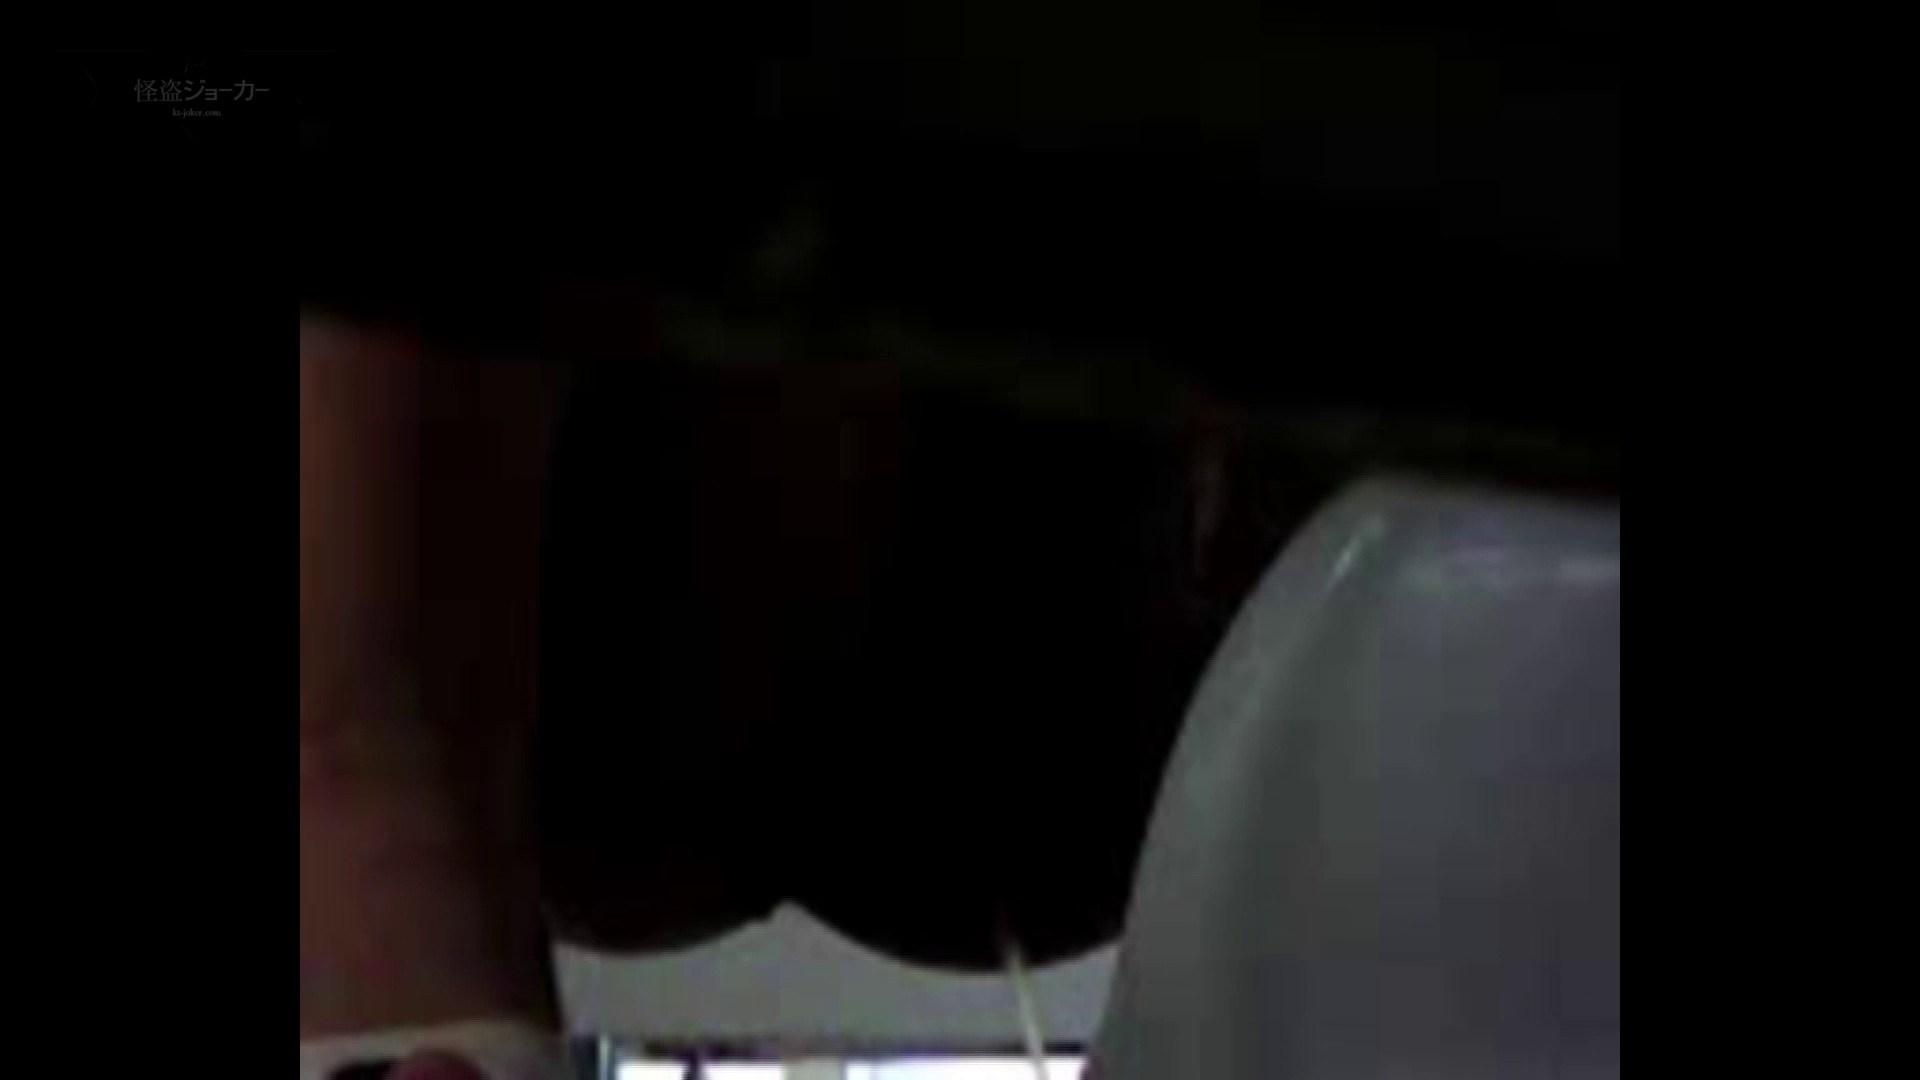 化粧室絵巻 番外編編 VOL.02 銀河さん庫出し映像2!!映像が・・・ 盛合せ | お姉さんのSEX  101枚 1